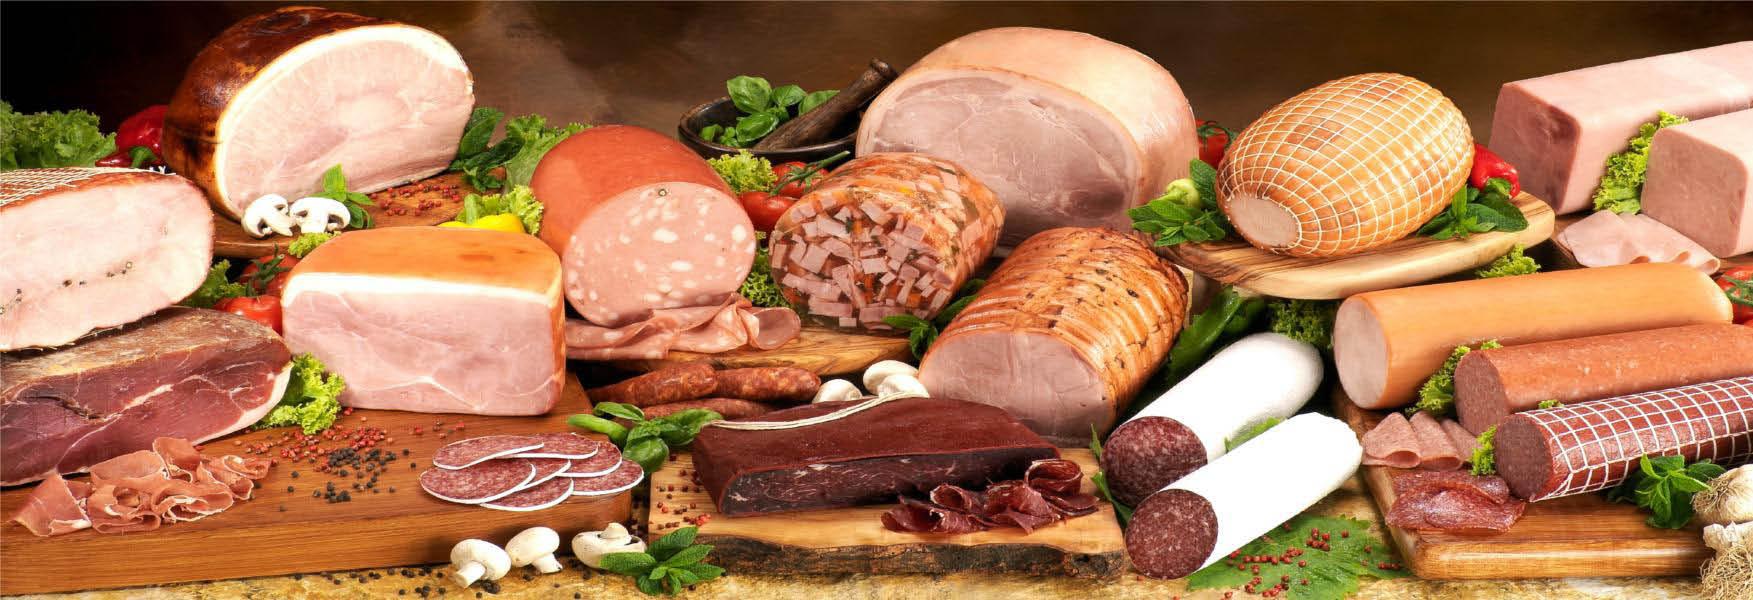 marshall's market,market,deli,sandwiches,deli near me,food in Berwyn,berwyn pa deli,